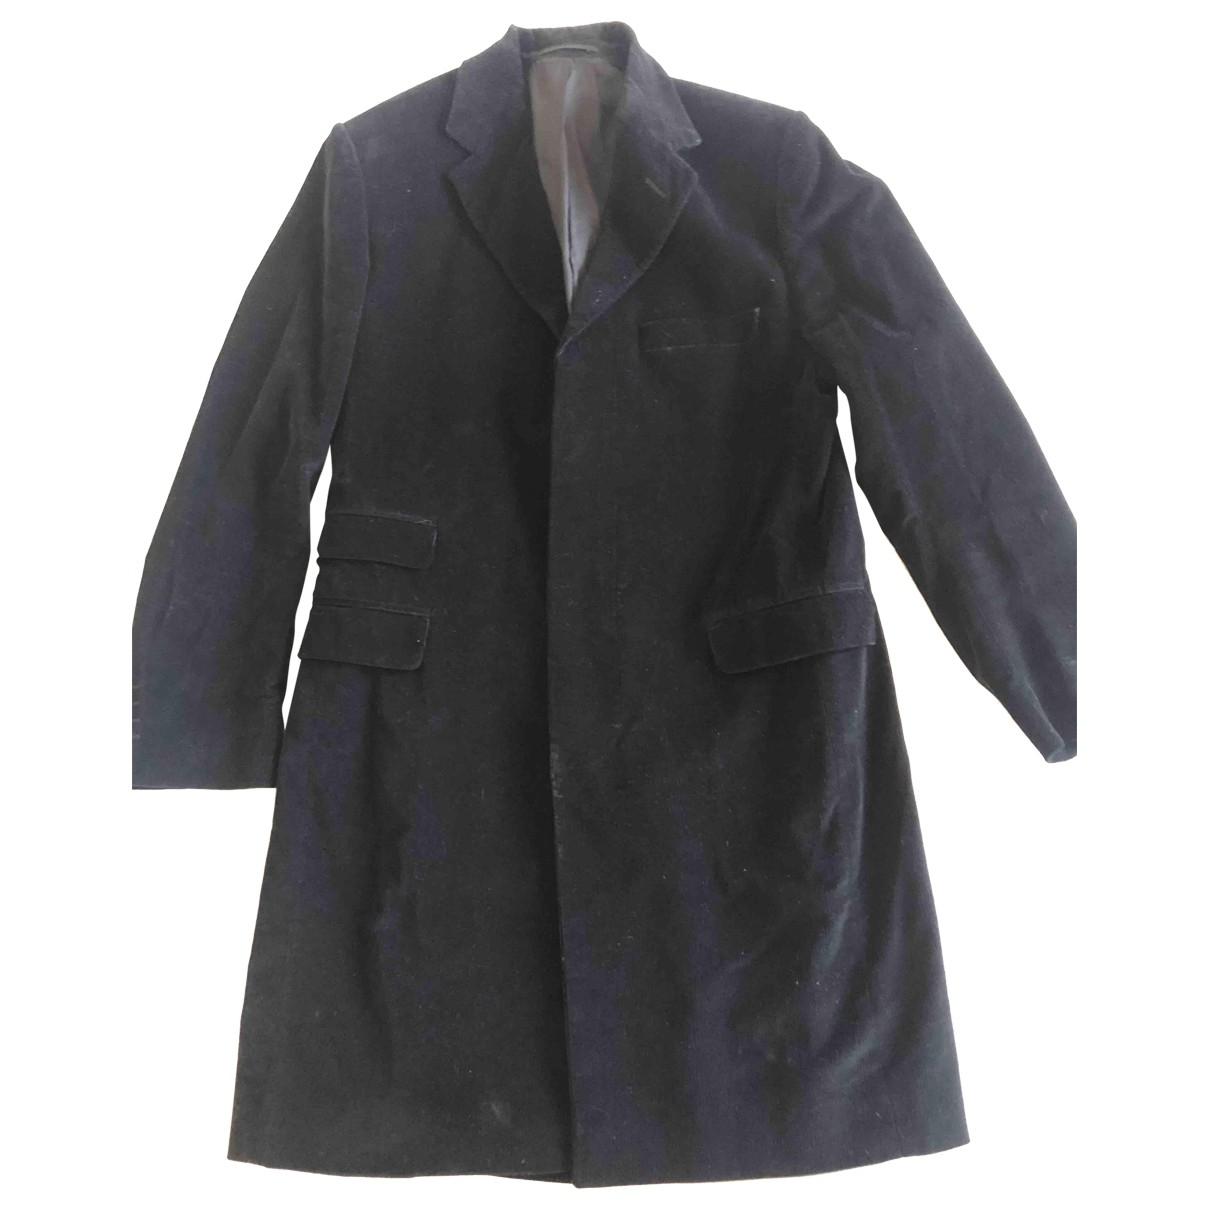 Paul Smith - Manteau   pour homme en coton - noir